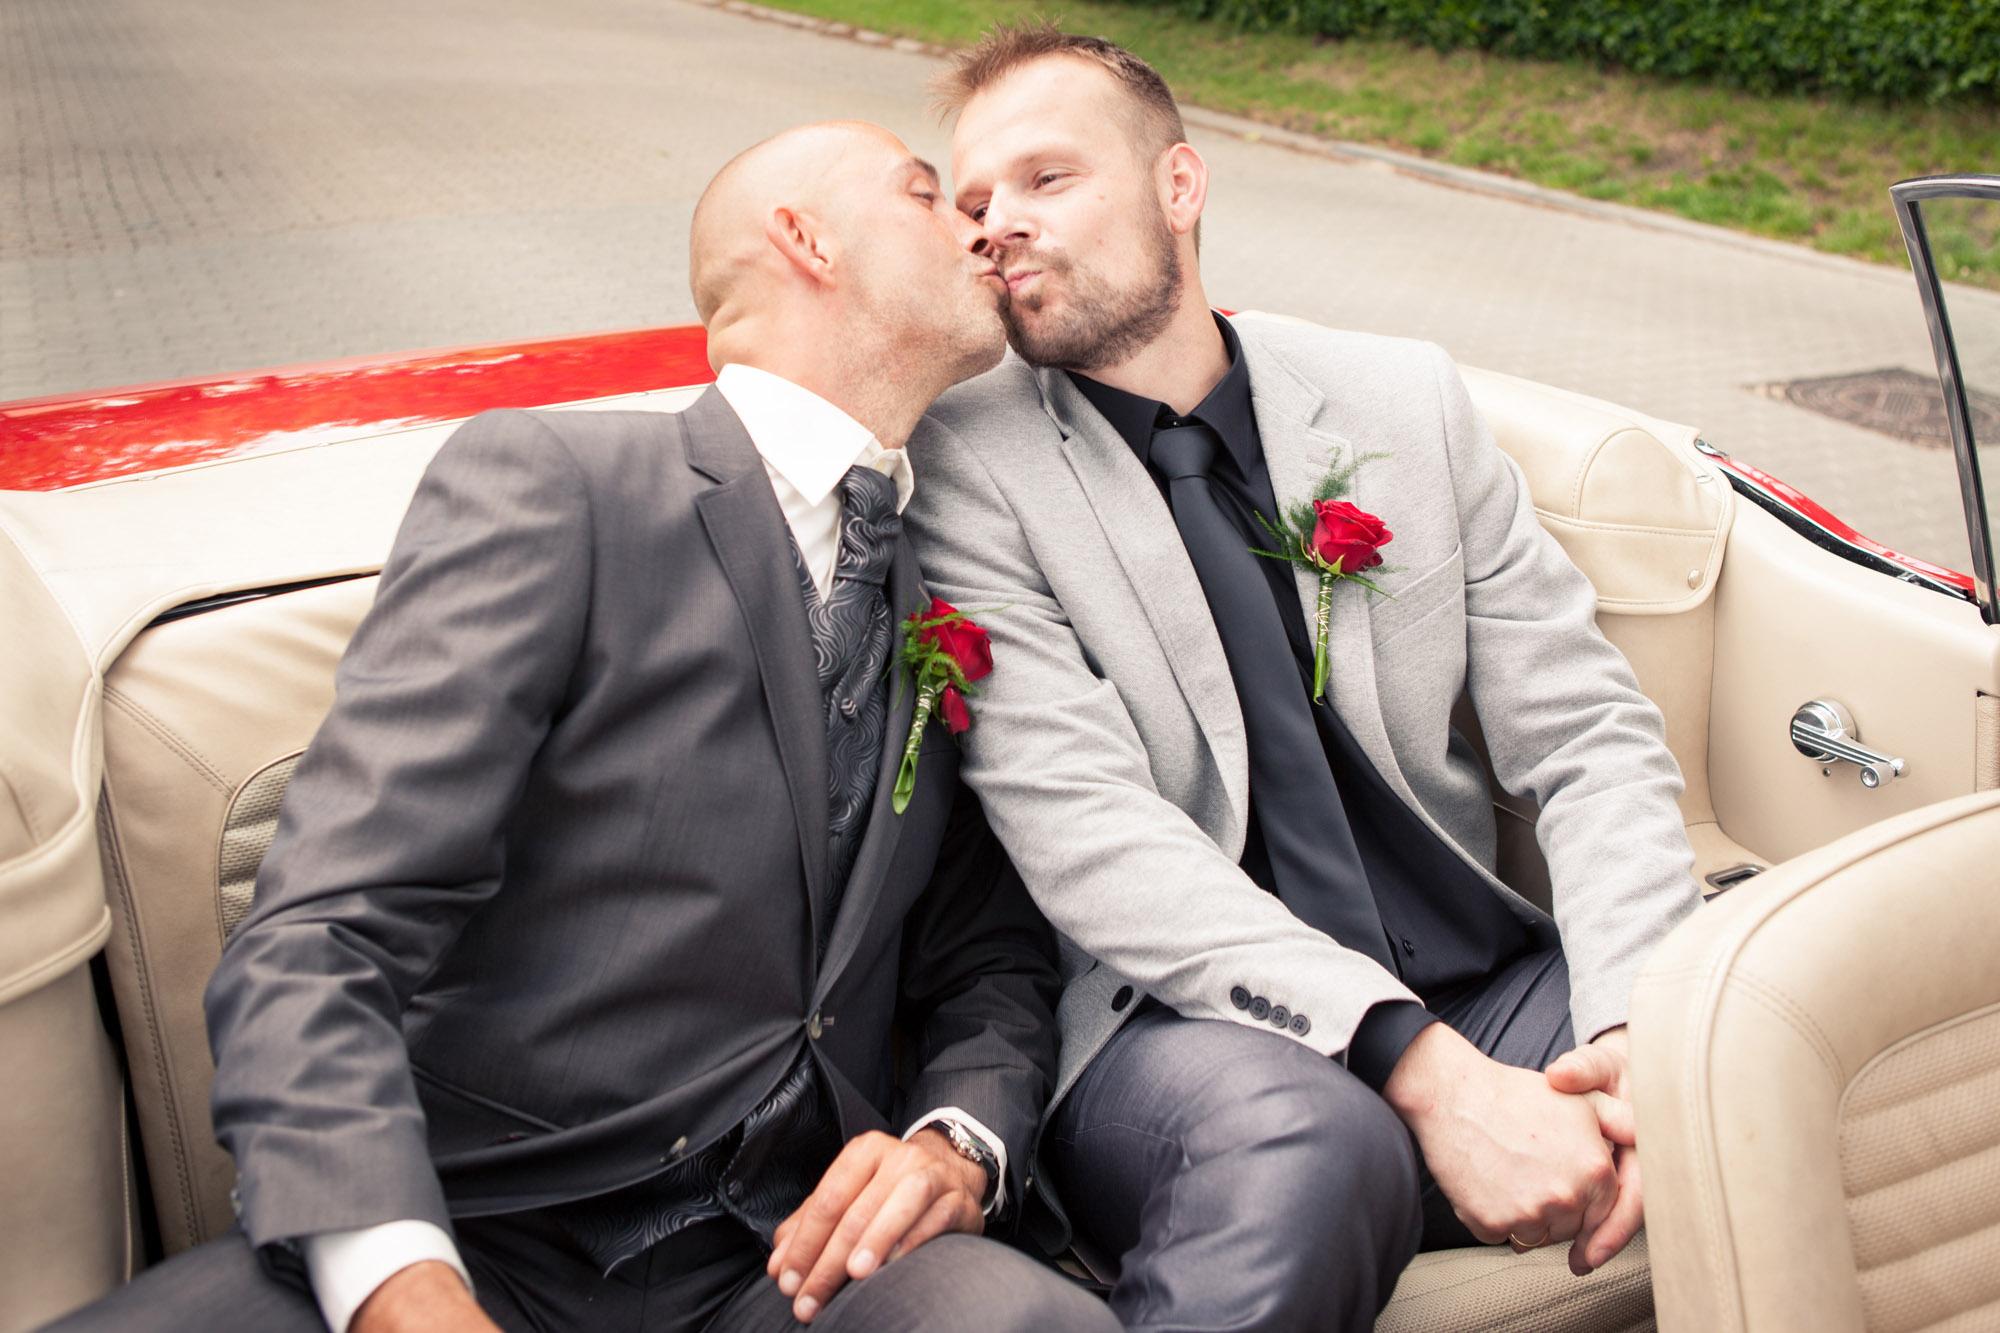 Sjov og ballade mellem bestman og gom ved bryllup i Herning